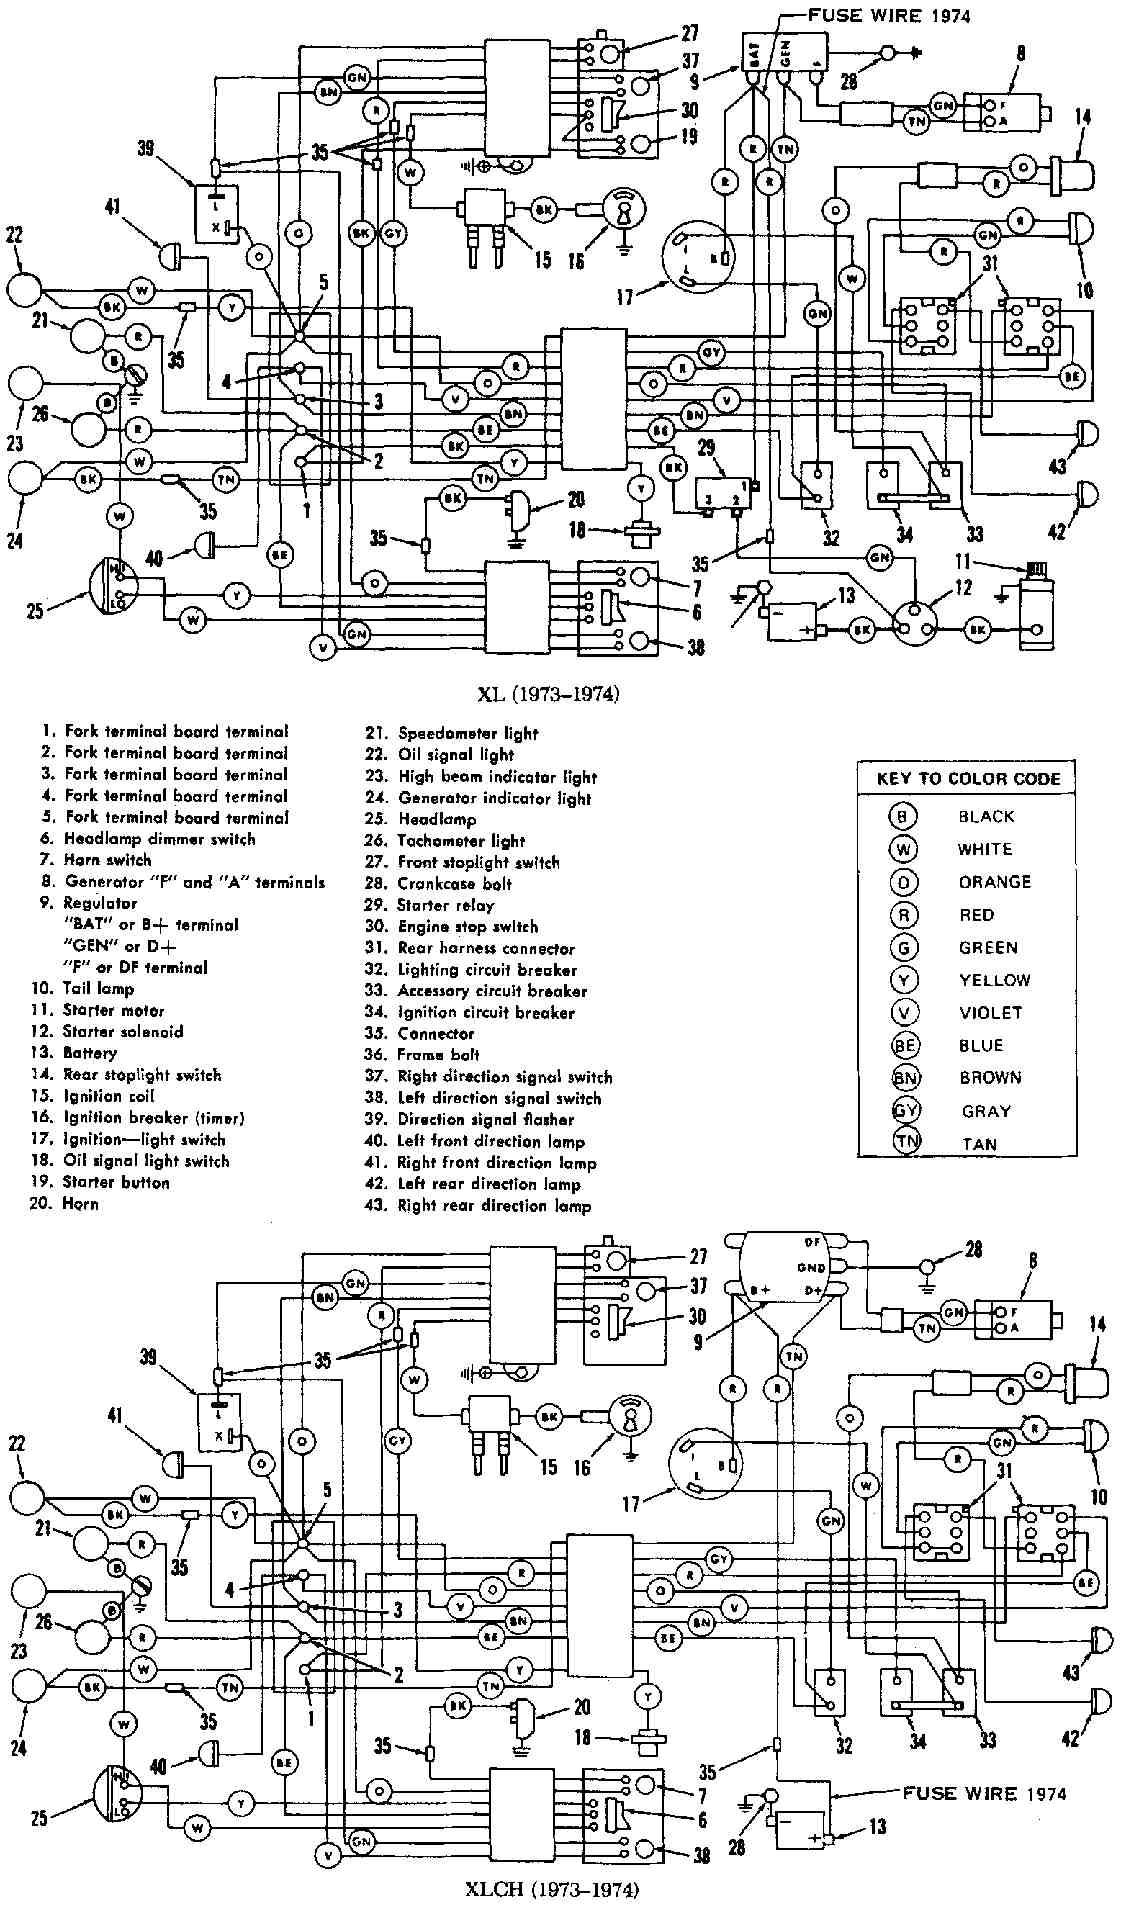 2009 Harley Flh Wiring Diagram Detailed Schematics Road King Schematic Flhr Online Taylor Dunn